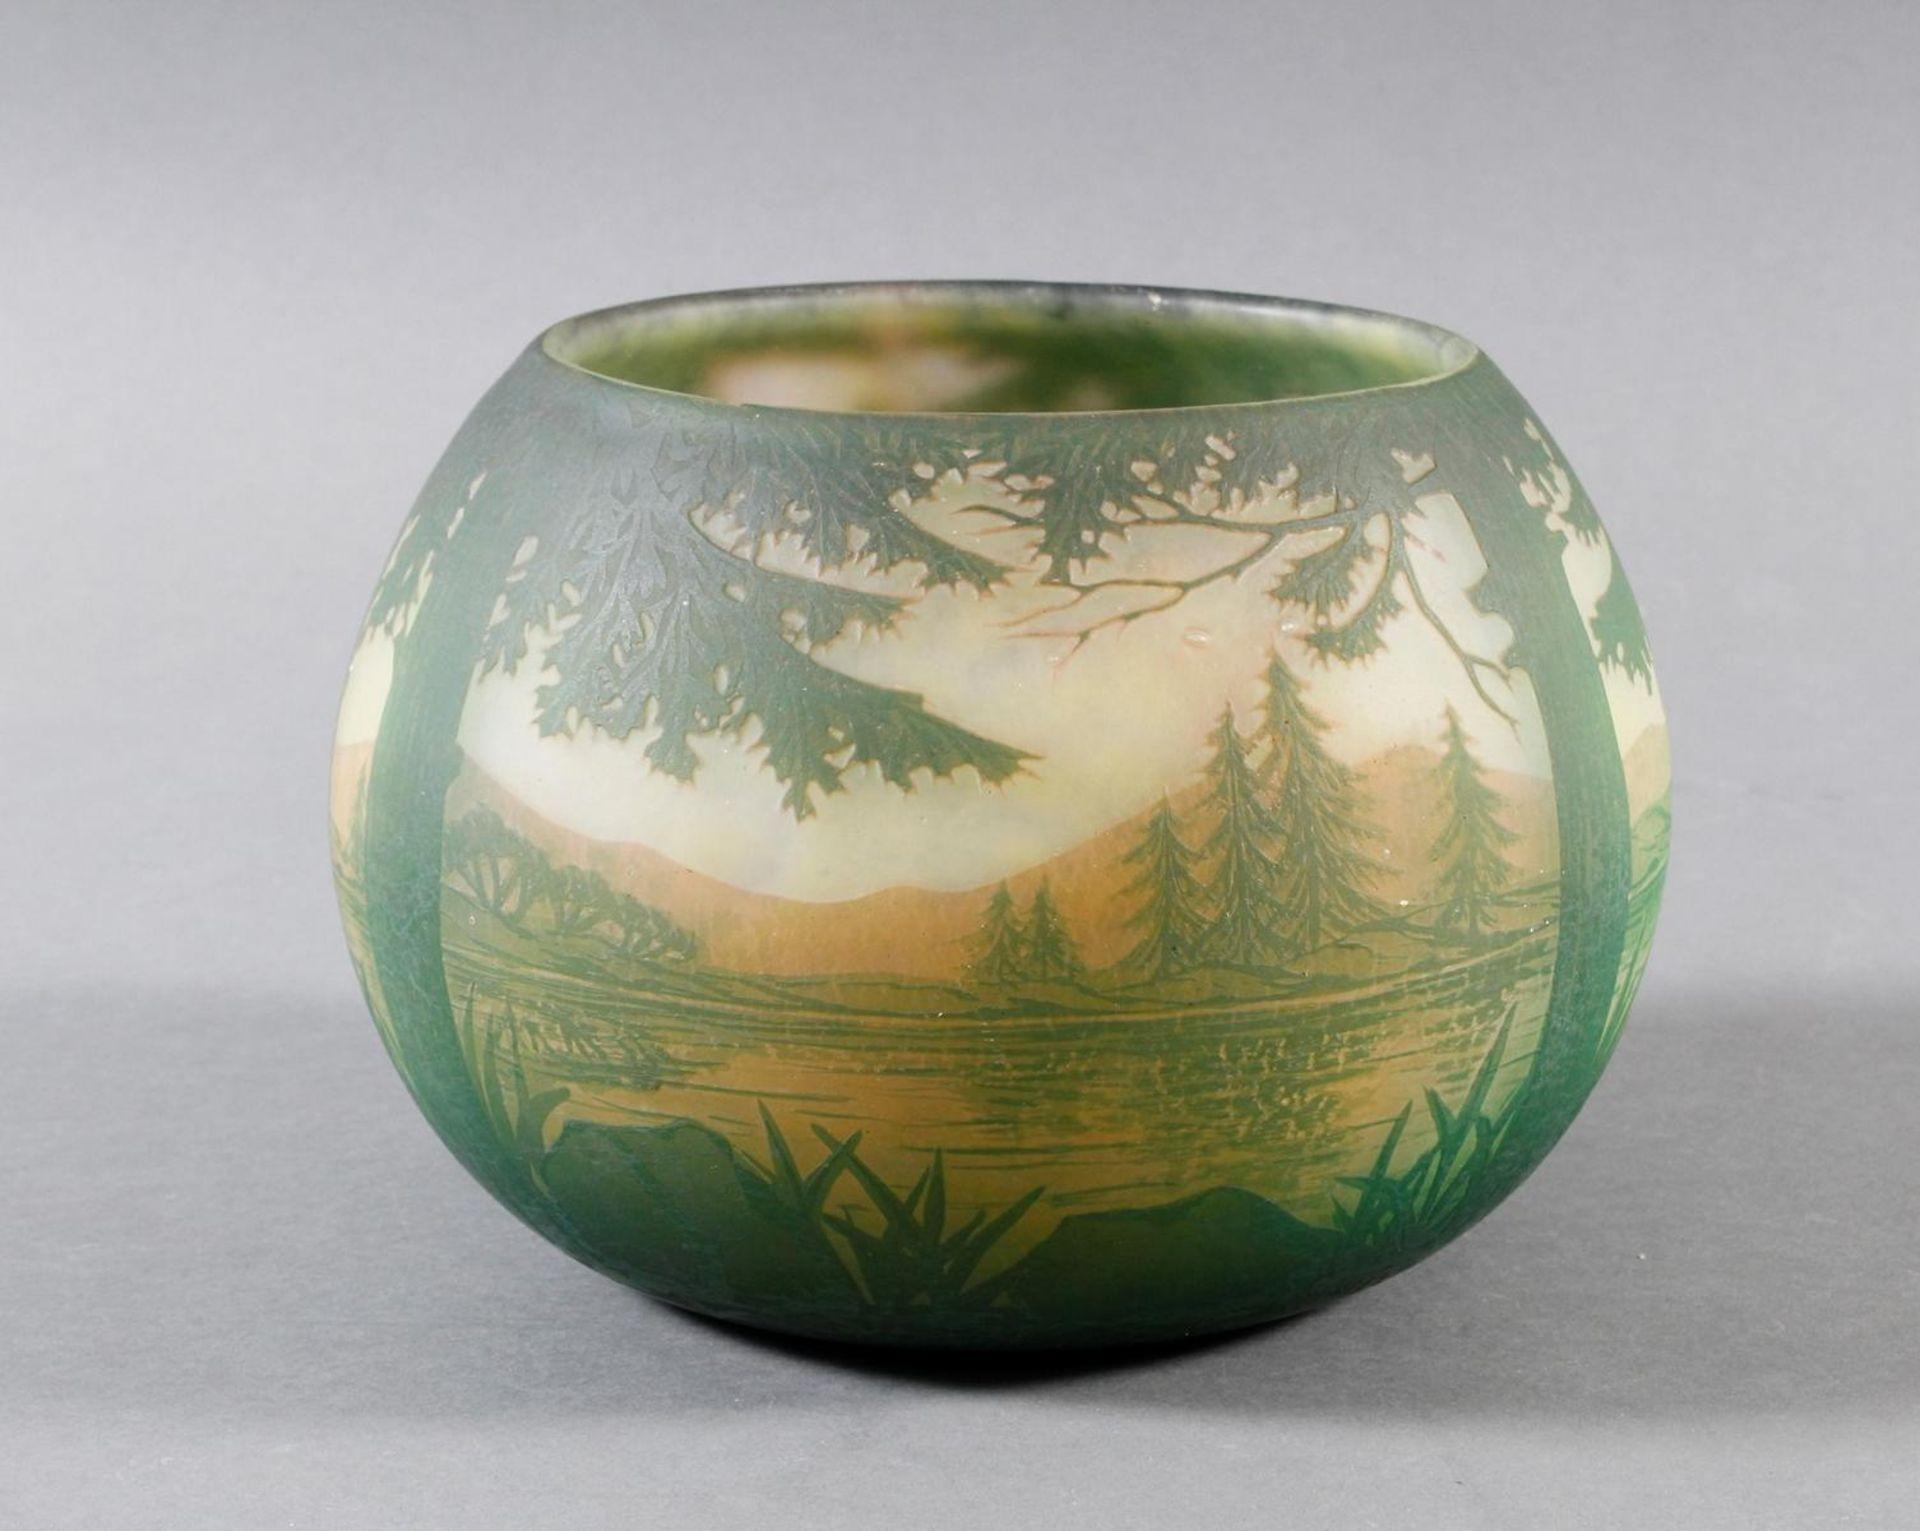 Daum Nancy, Vase Frankreich um 1900 - Bild 2 aus 9